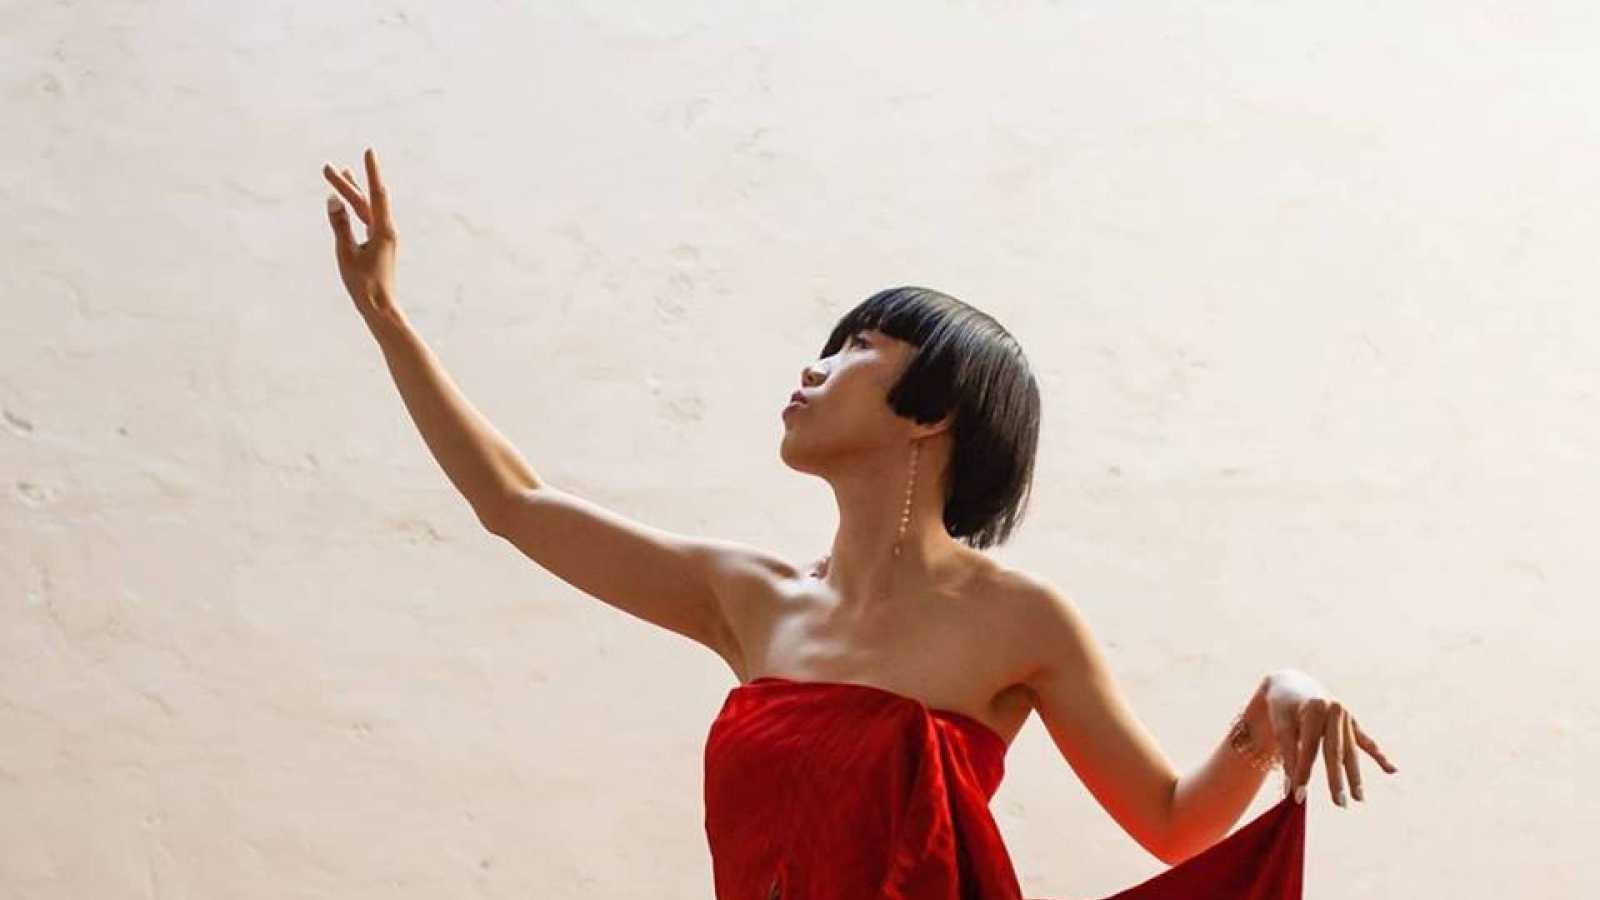 La chanteuse Ekotumi à Lille et en Belgique ce week-end © Ekotumi - All Rights Reserved